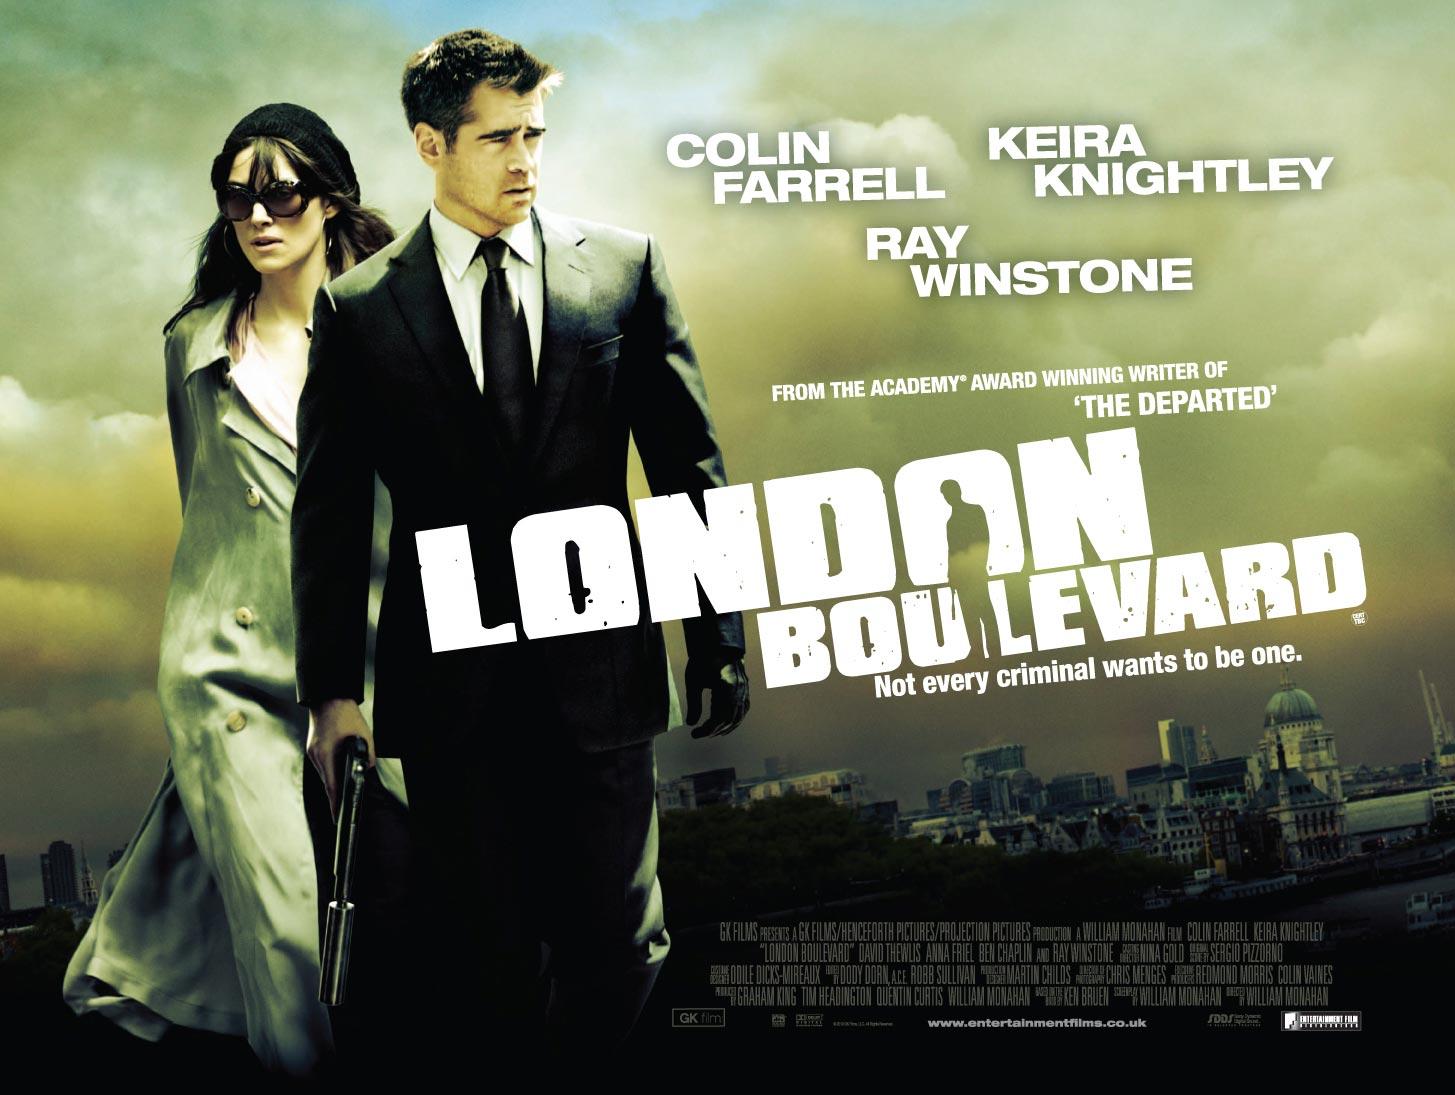 http://4.bp.blogspot.com/-6npXYqzq4nY/Trxf7XdeqCI/AAAAAAAAHkc/StsZ8CfCNIU/s1600/london_boulevard.jpg